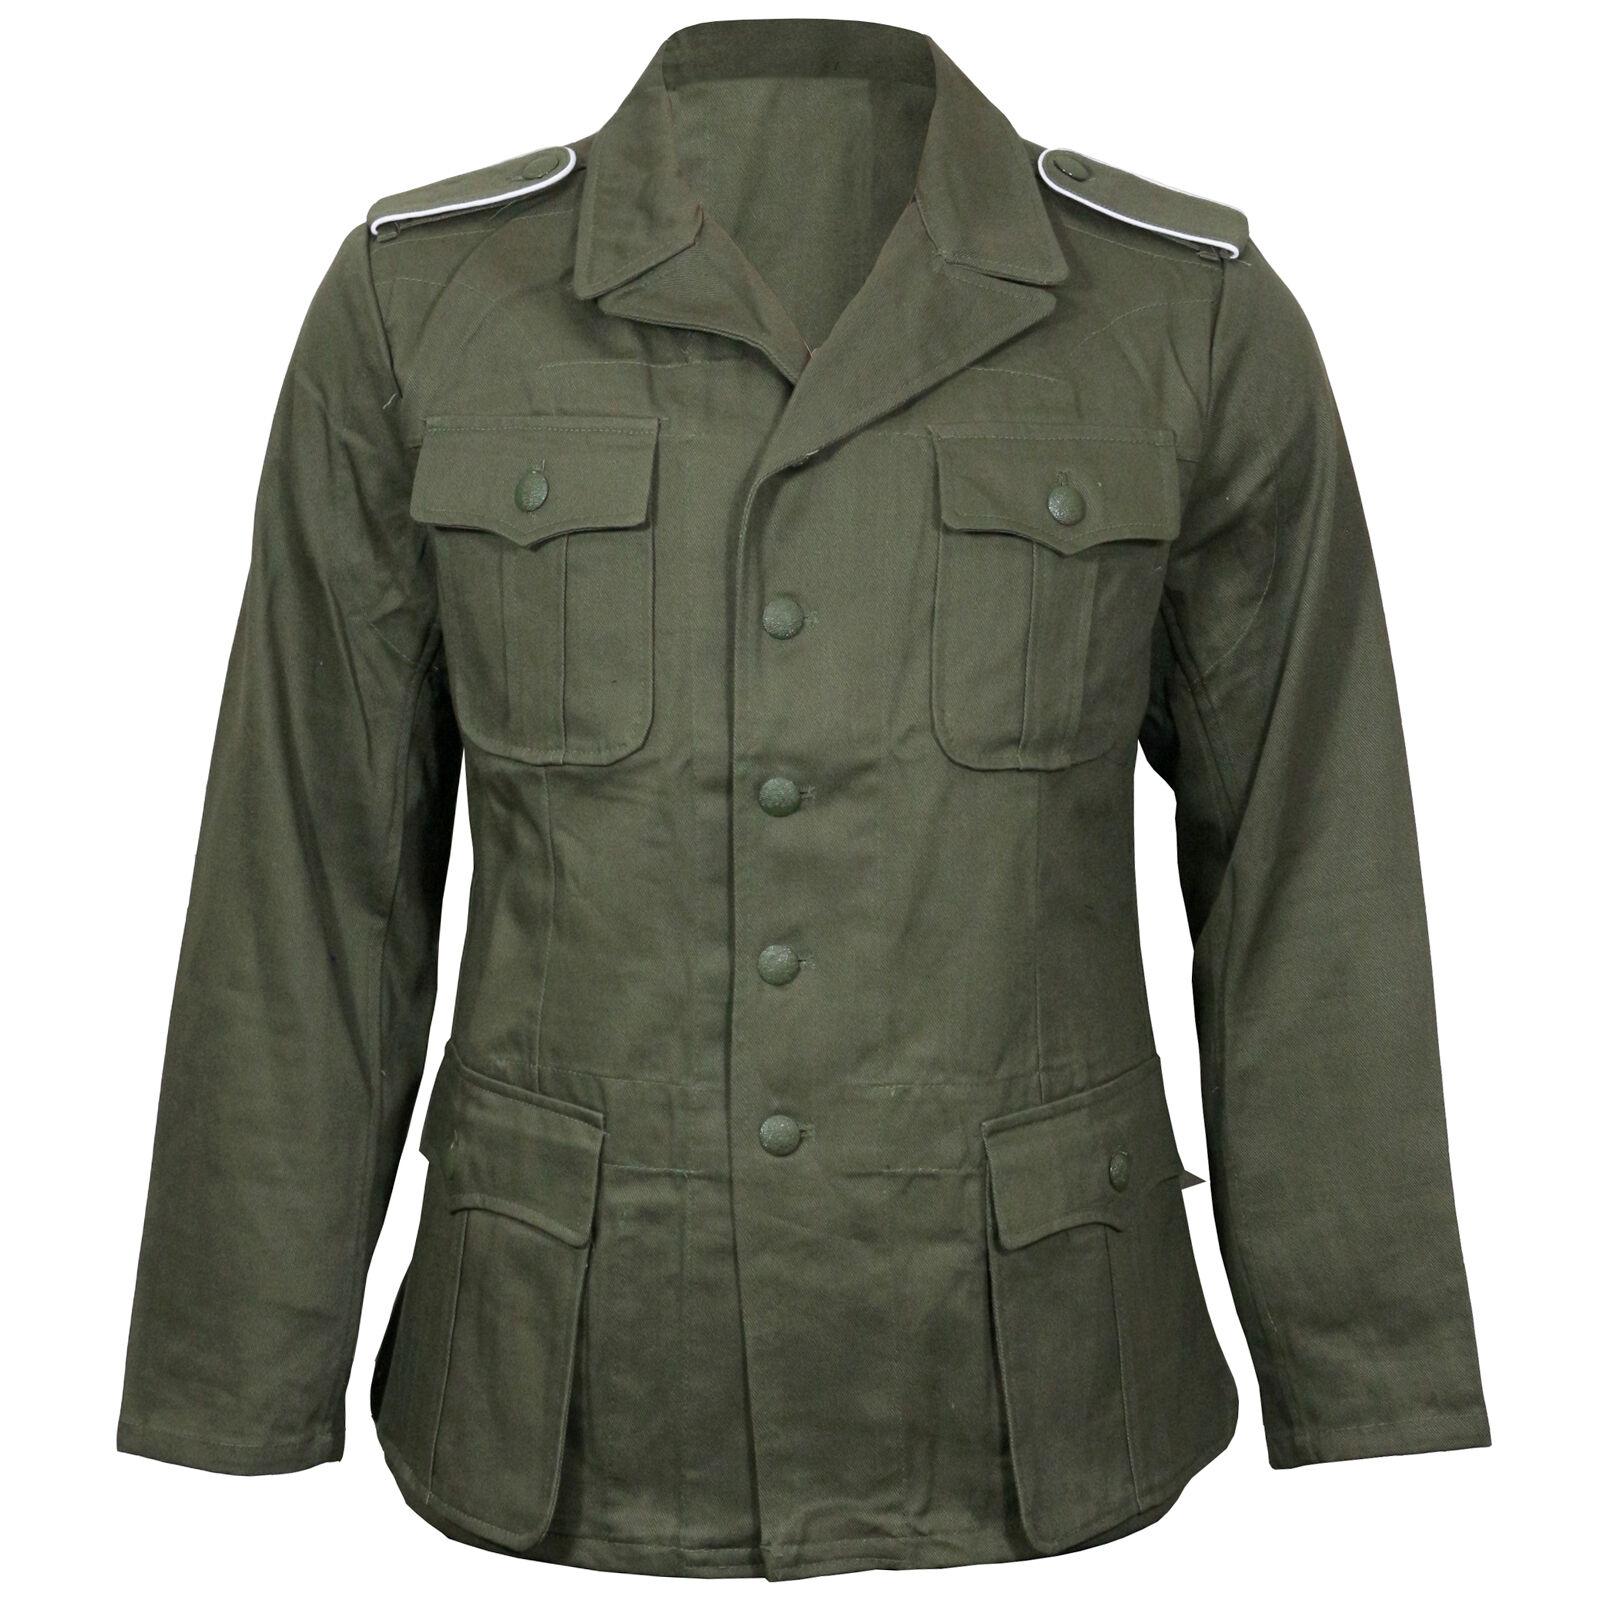 Armée allemande Dak Afrique KORPS tunique green olive - WW2 REPRO toutes sizes